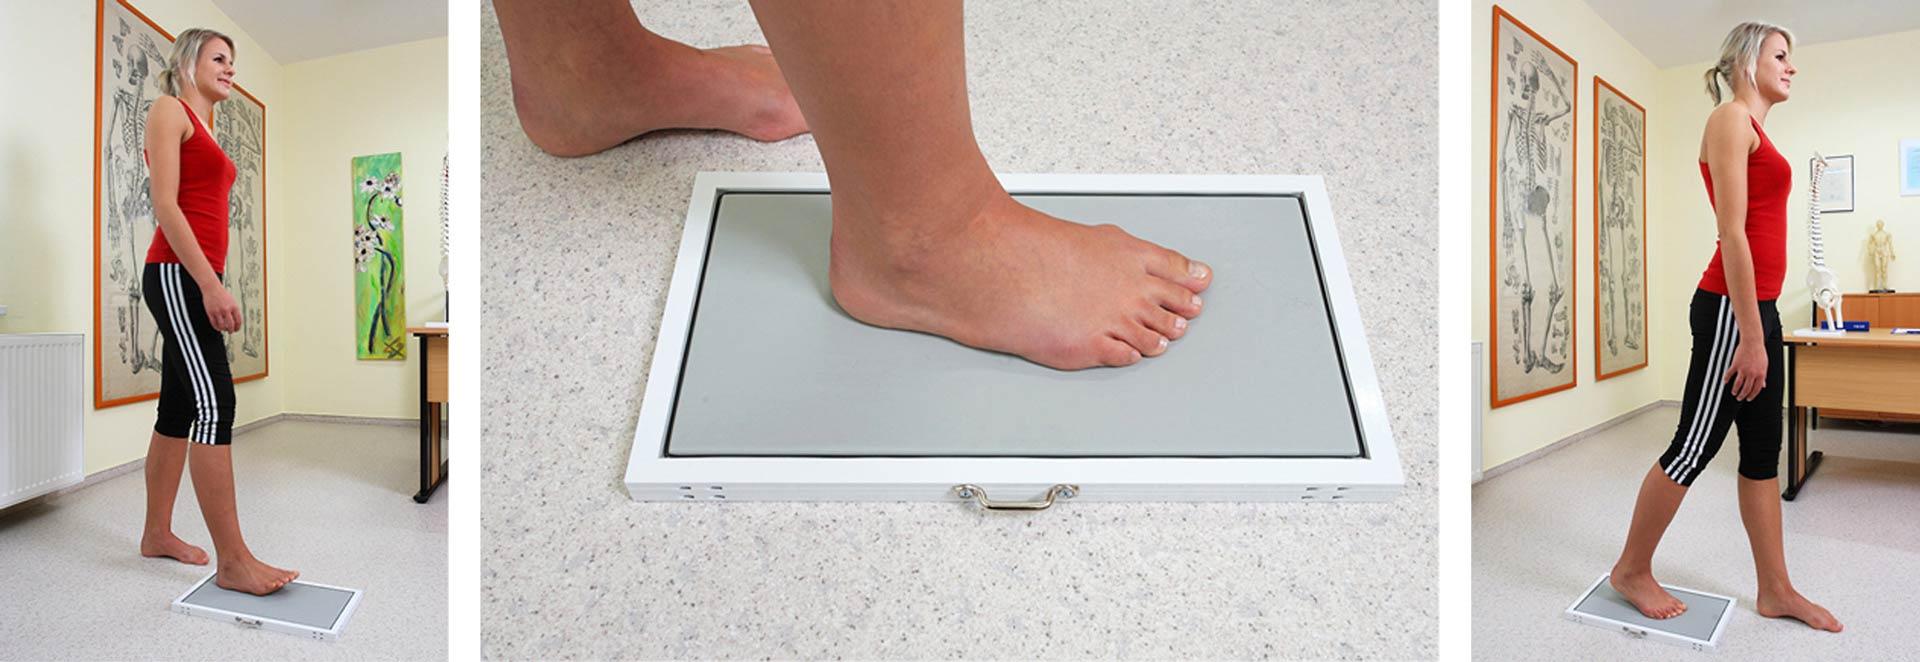 Podo-Posturaltherapie: dynamischer Fußabdruck mit Podografen